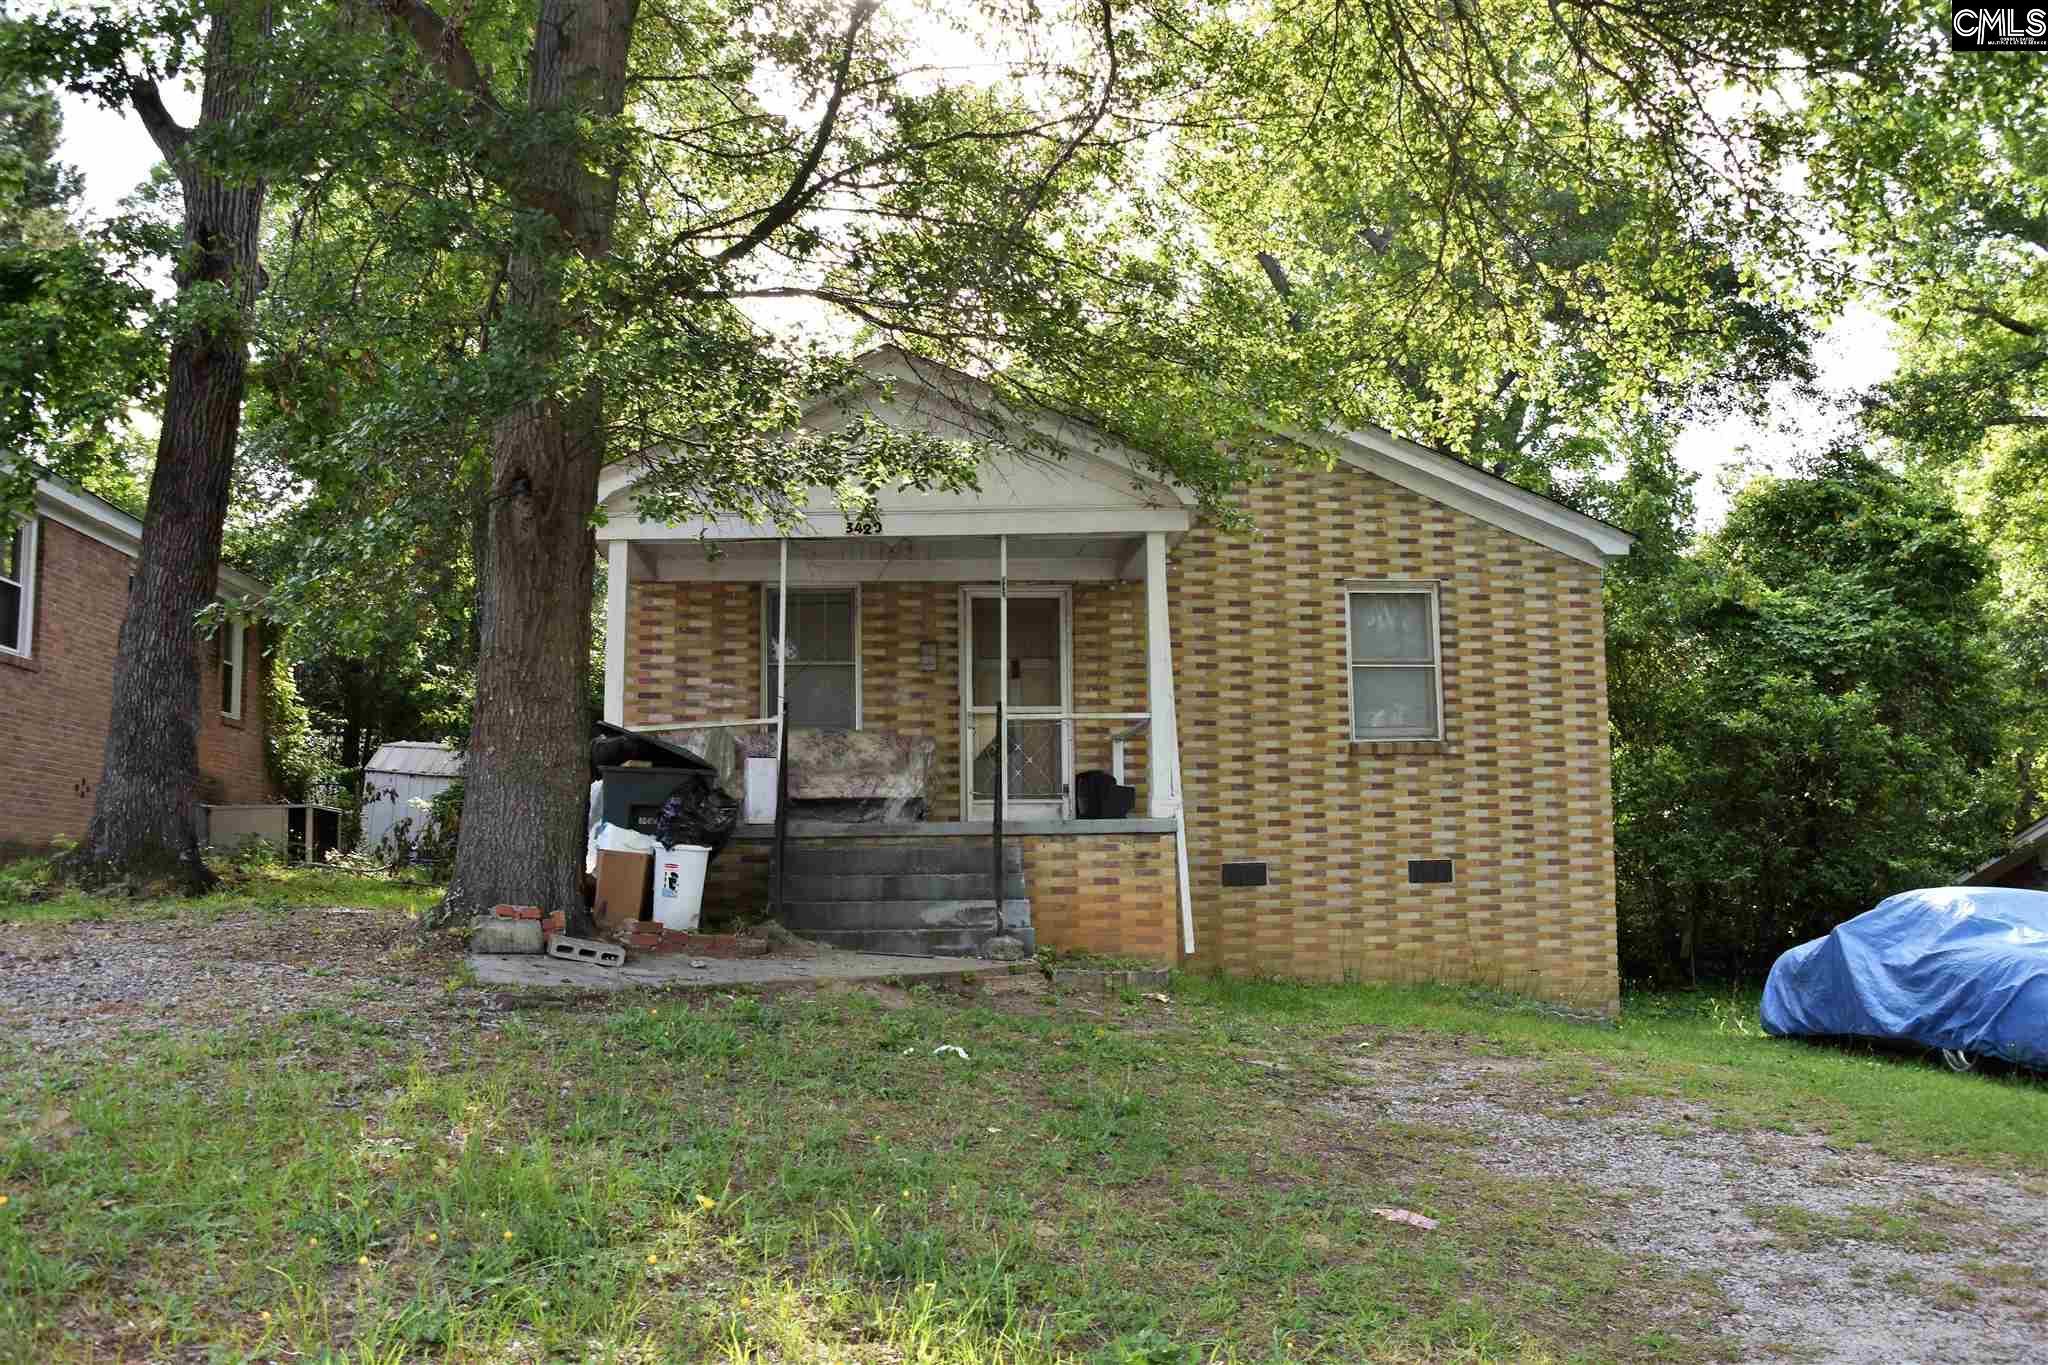 3420  Coles Columbia, SC 29203